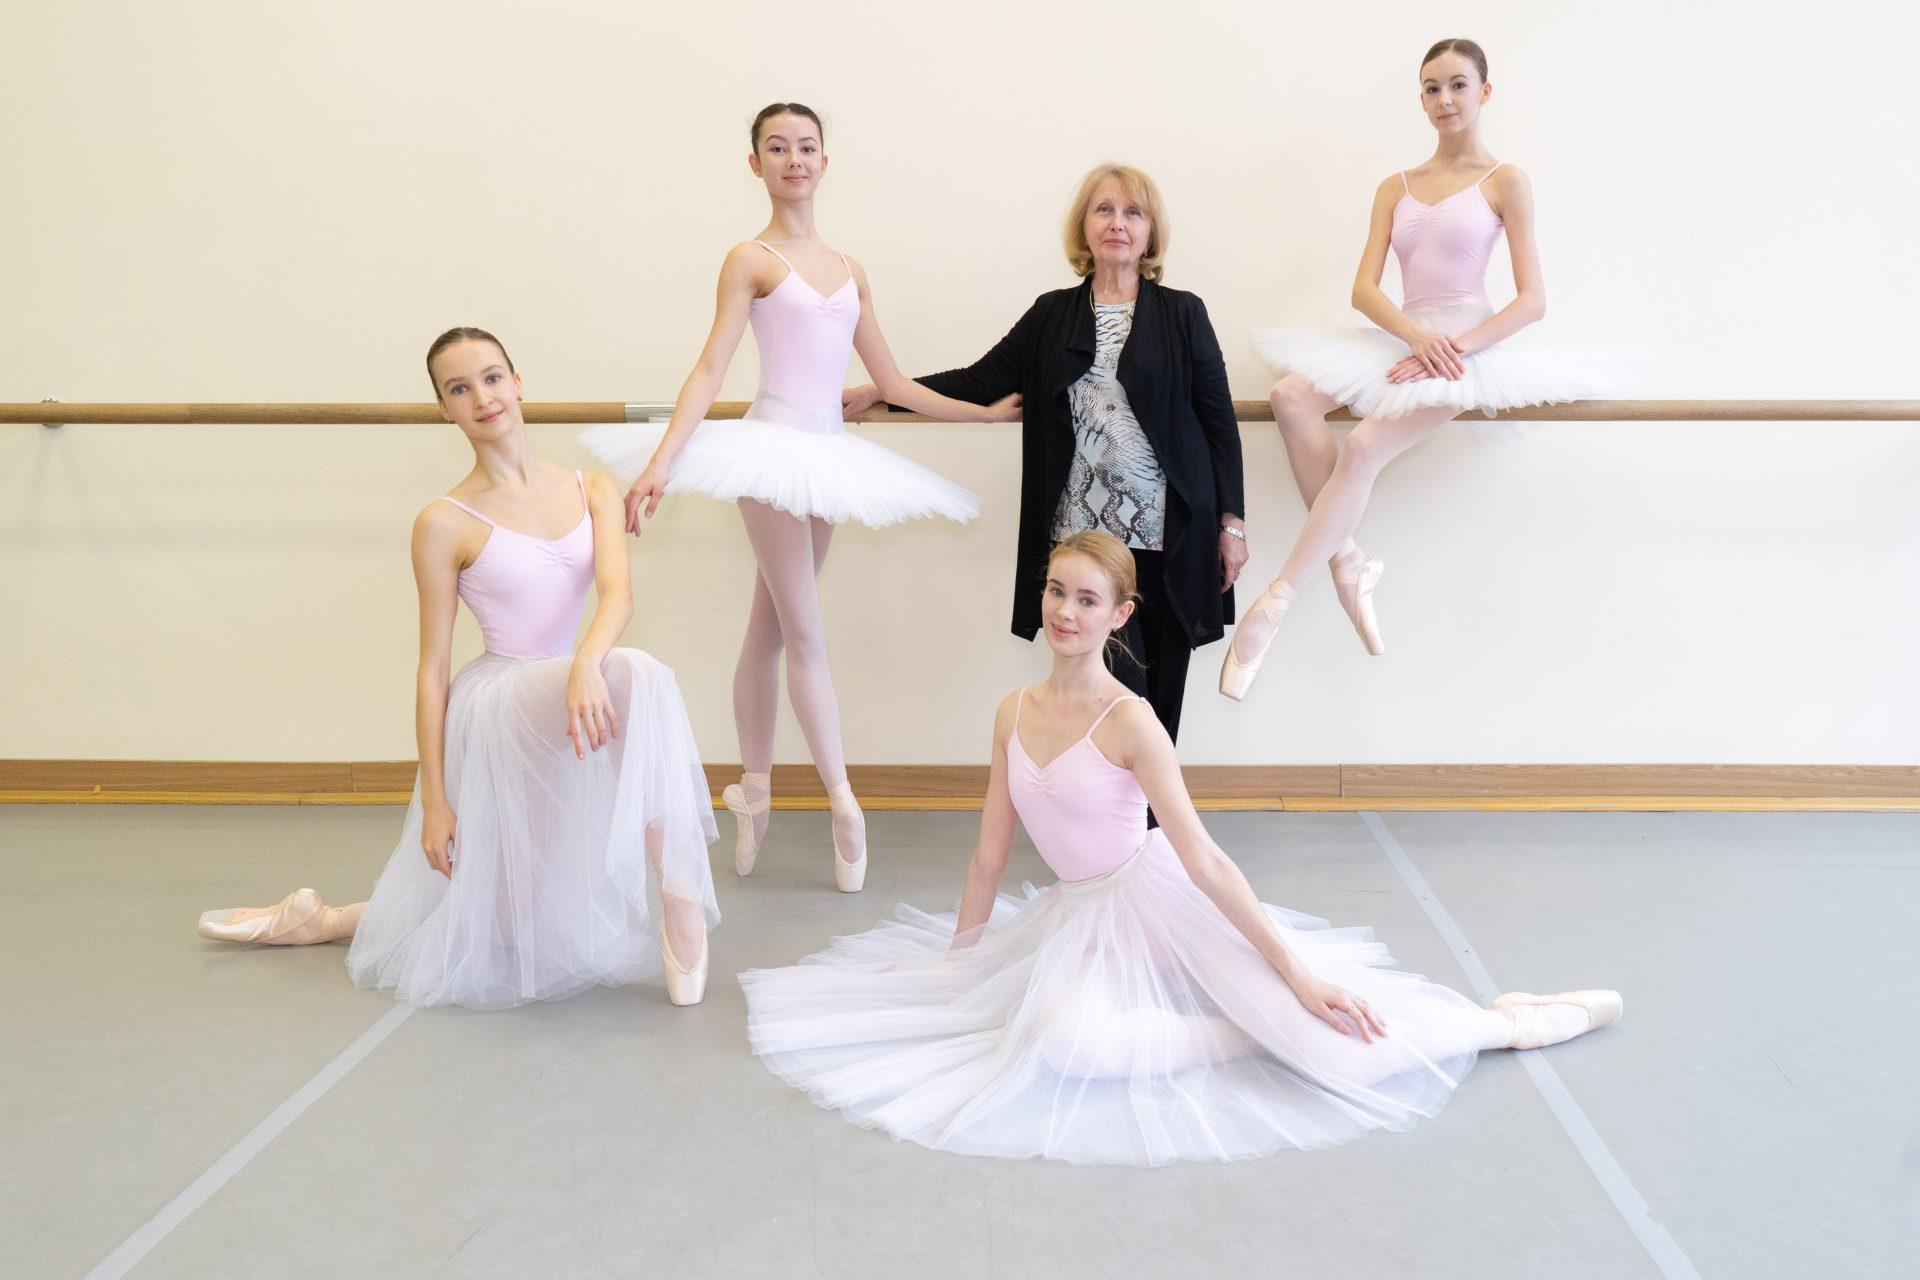 Татьяна Гальцева – Московская академия хореографии